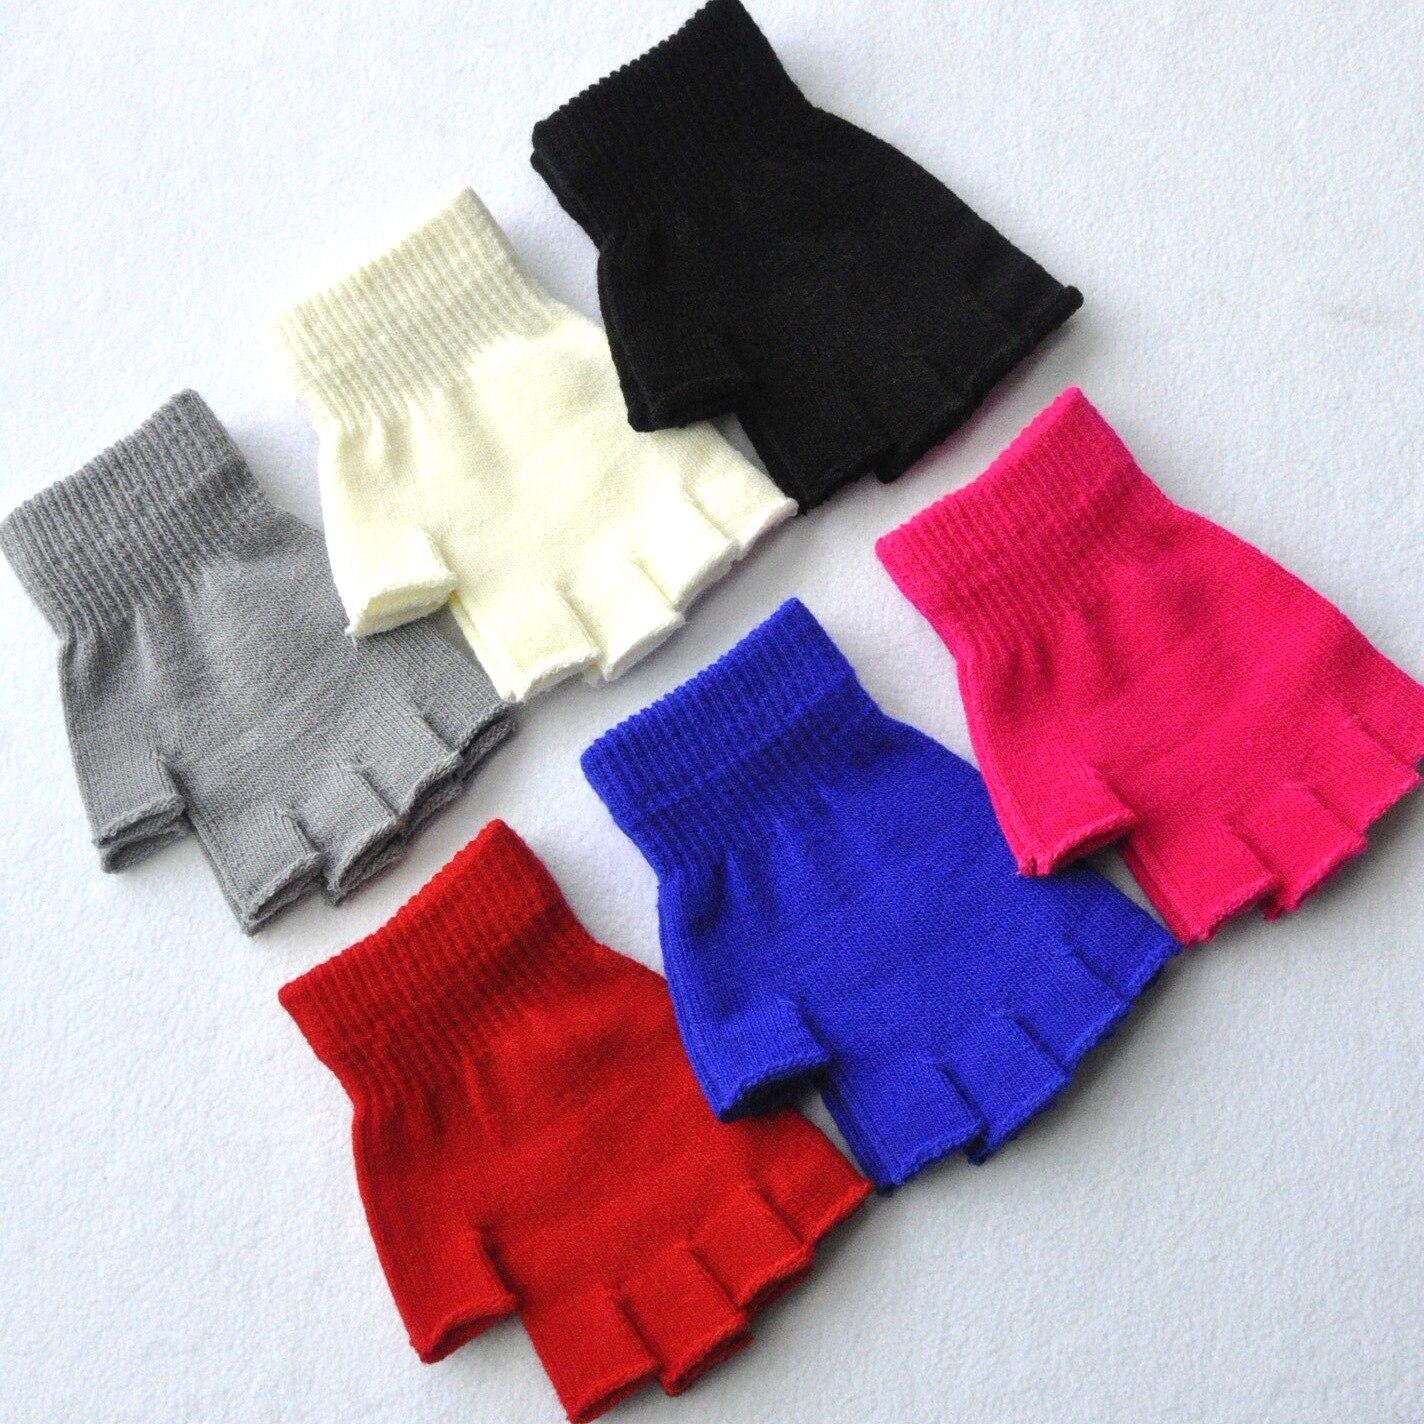 Women Men Fingerless Gloves Solid Color Half Finger Knitted Mittens 2019 Winter Soft Warmer Unisex Basic Female Gloves Guantes